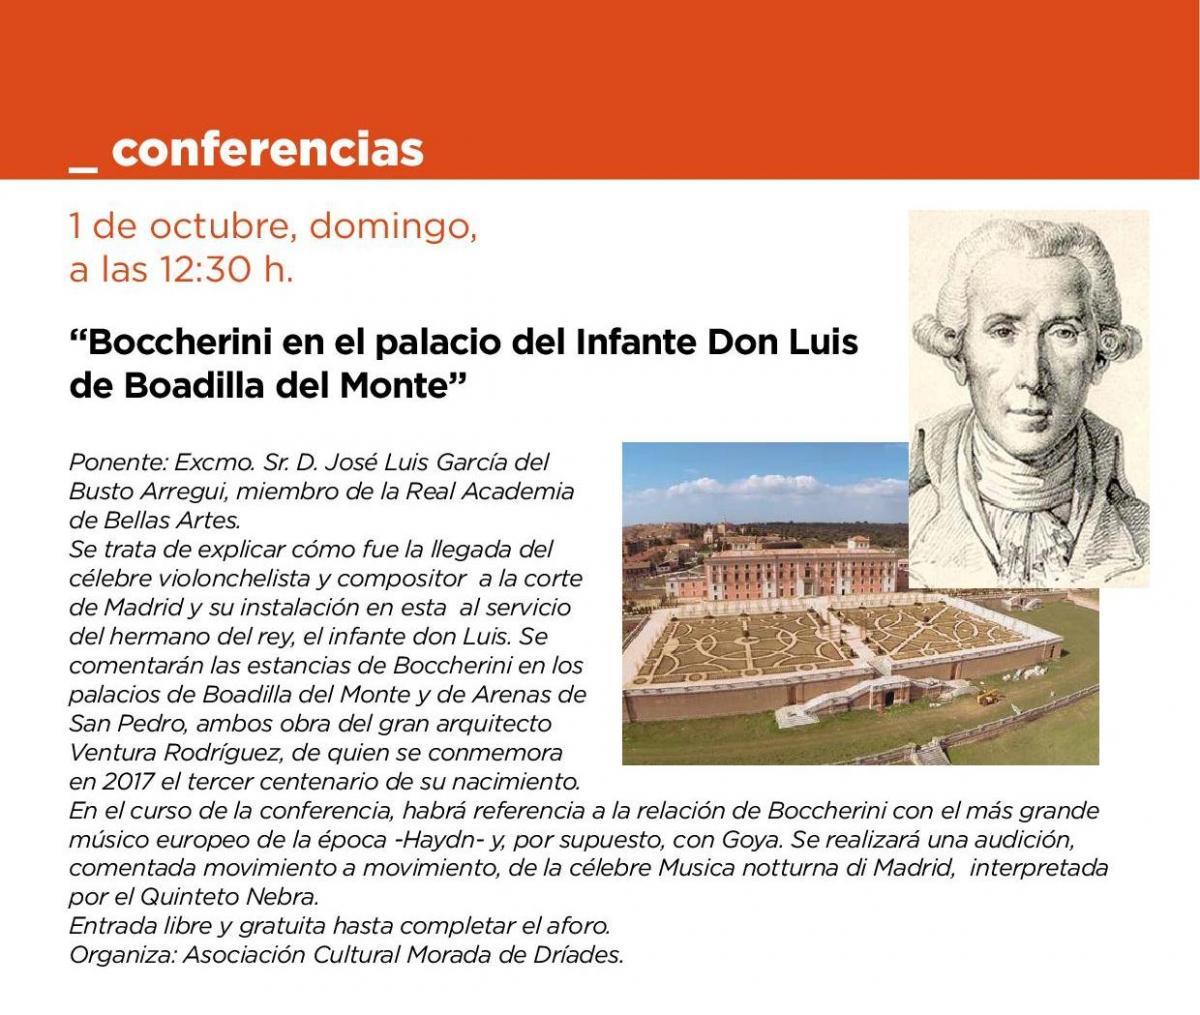 Conferencia. Boccherini en el Palacio del Infante Don Luis